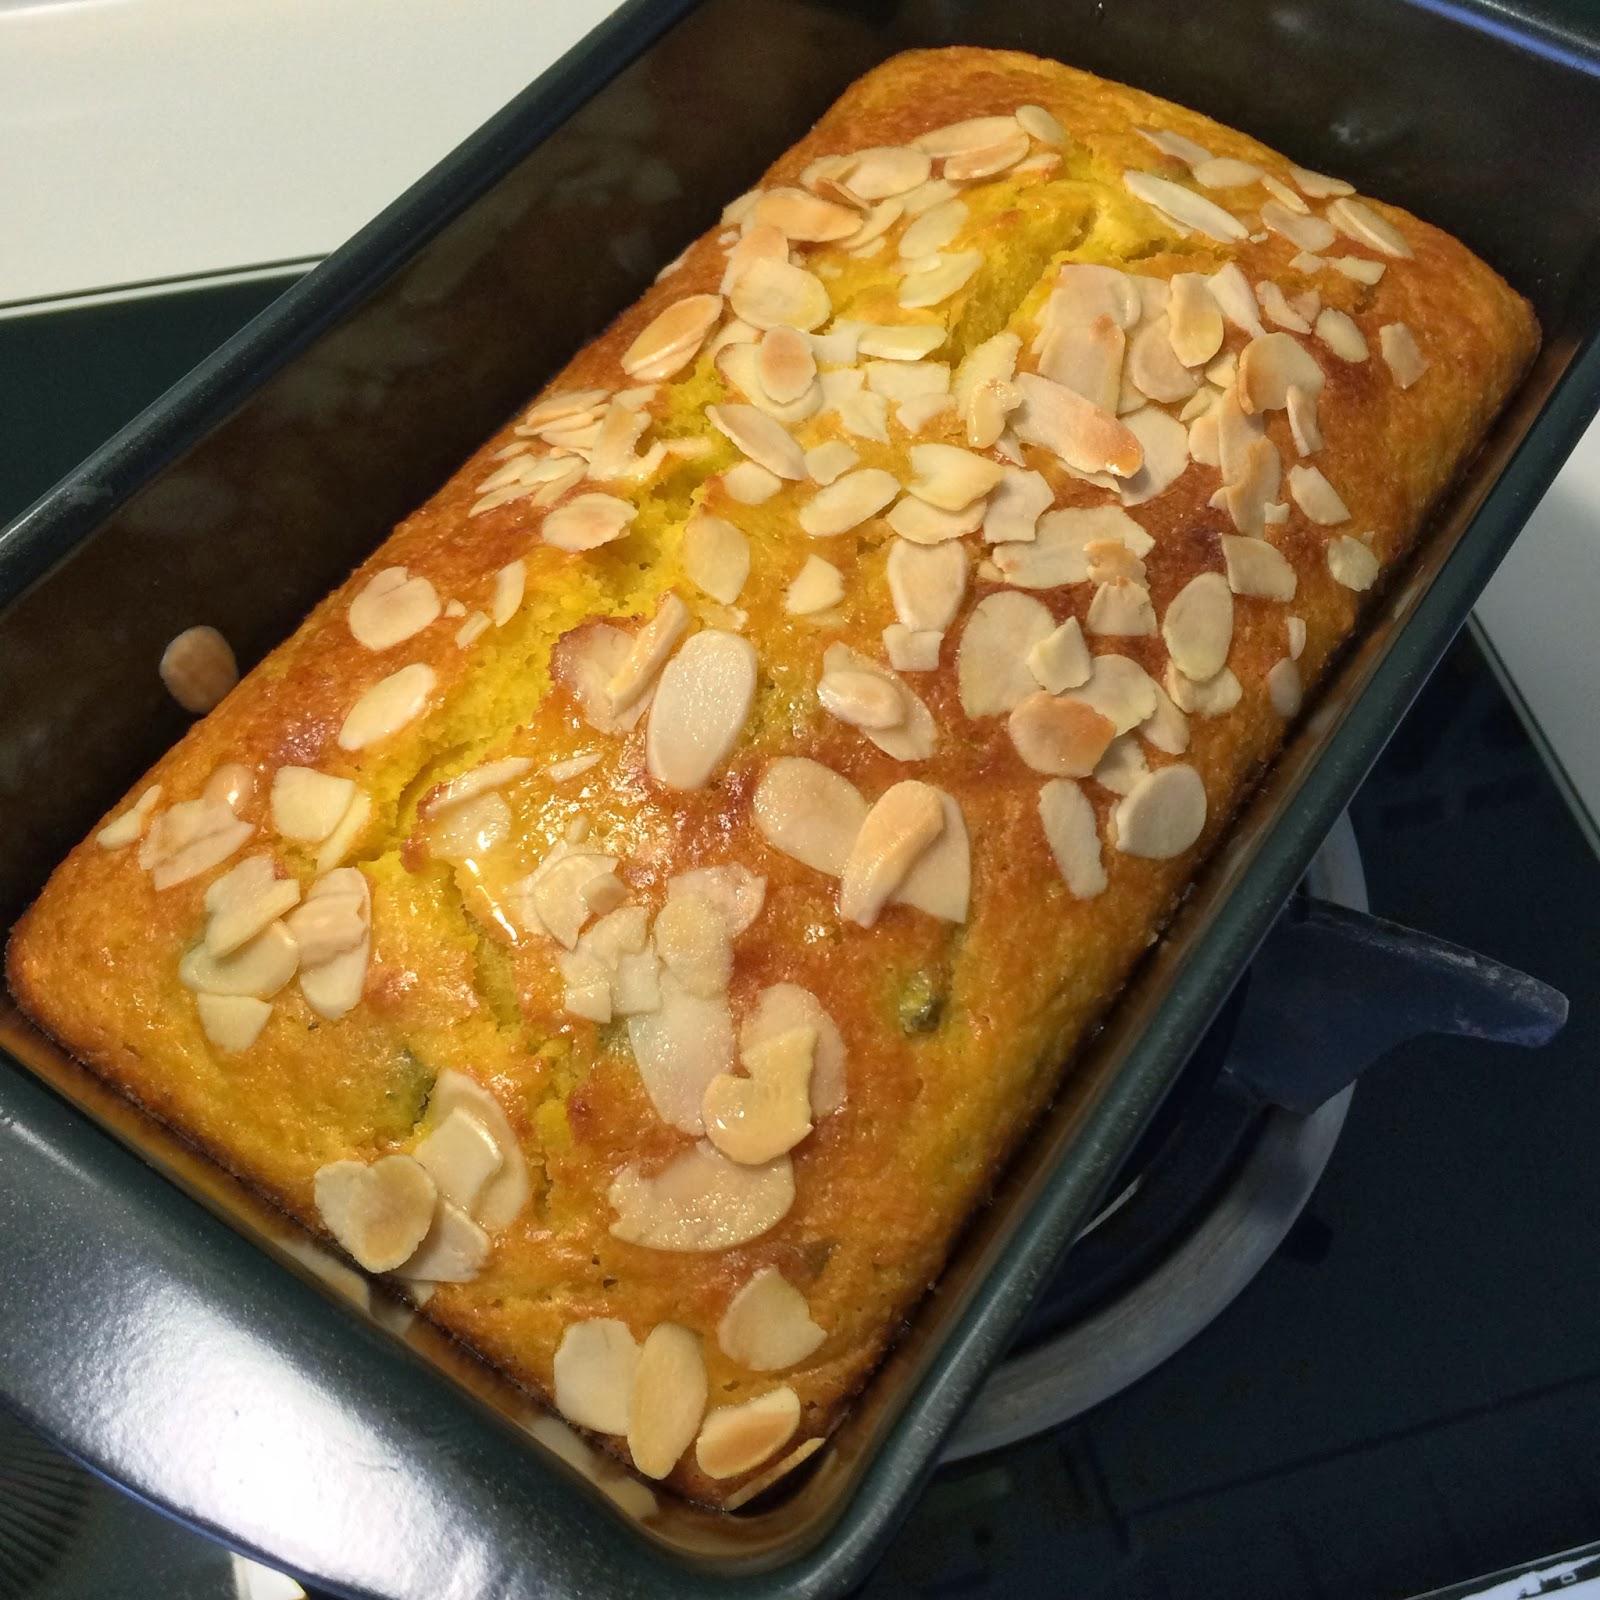 [食譜-蛋糕] 南瓜優格磅蛋糕 - 吃個甜點也要顧下身體 - K's Travel & Life Channel